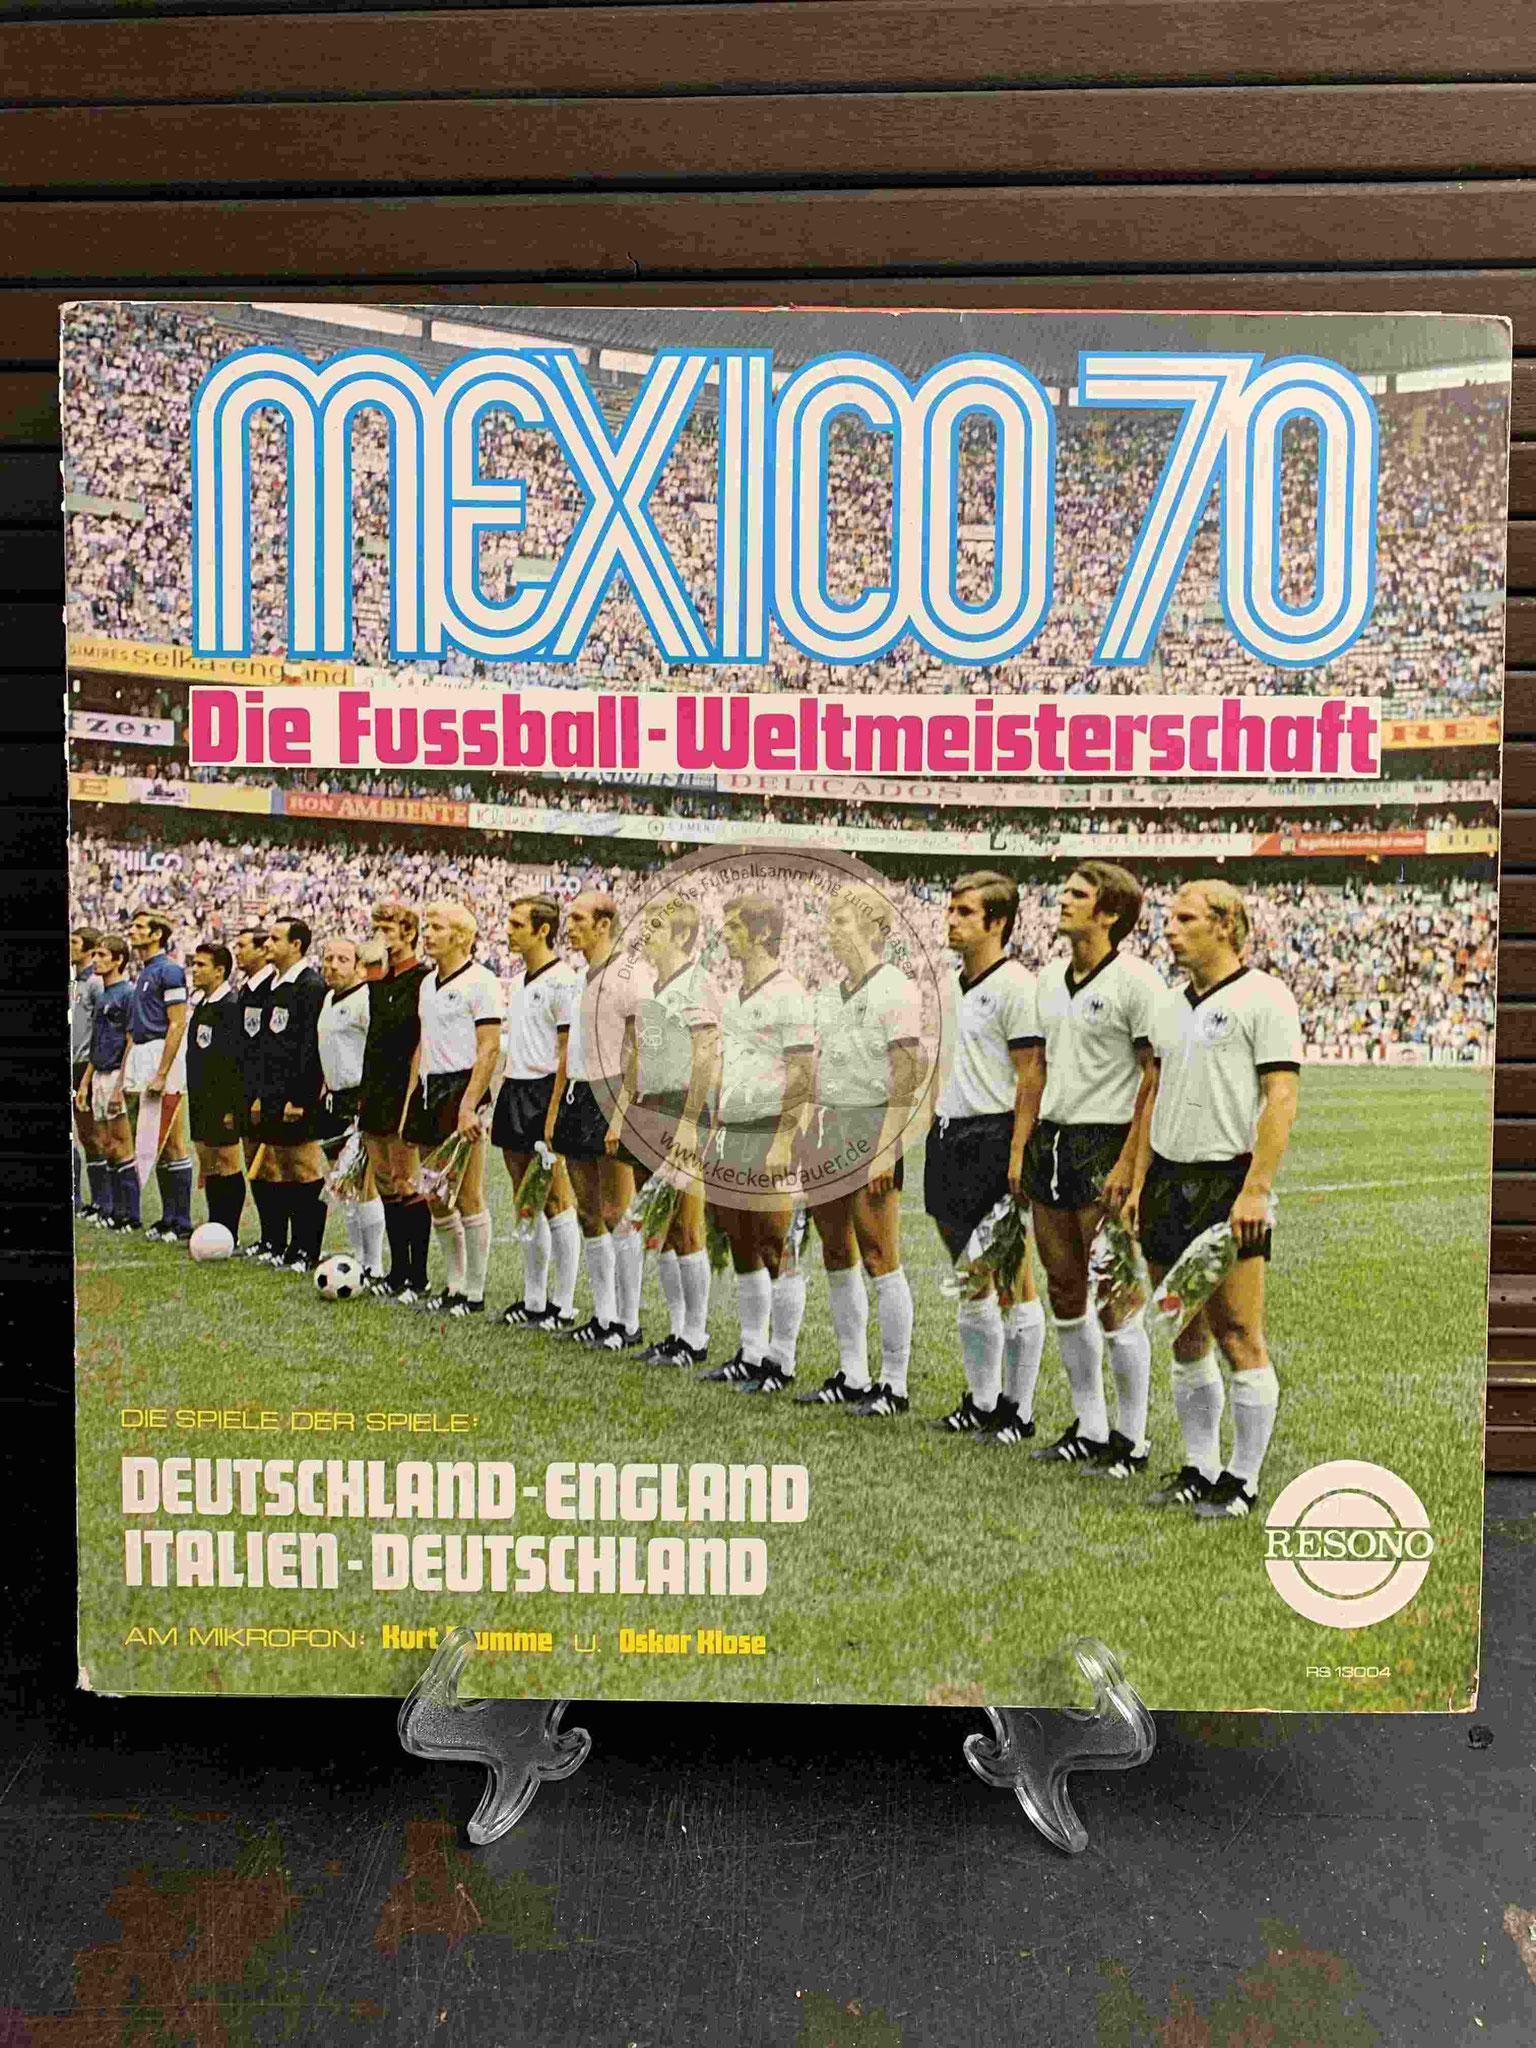 1970 Mexico 70 Die Fussball-Weltmeisterschaft in Farbe